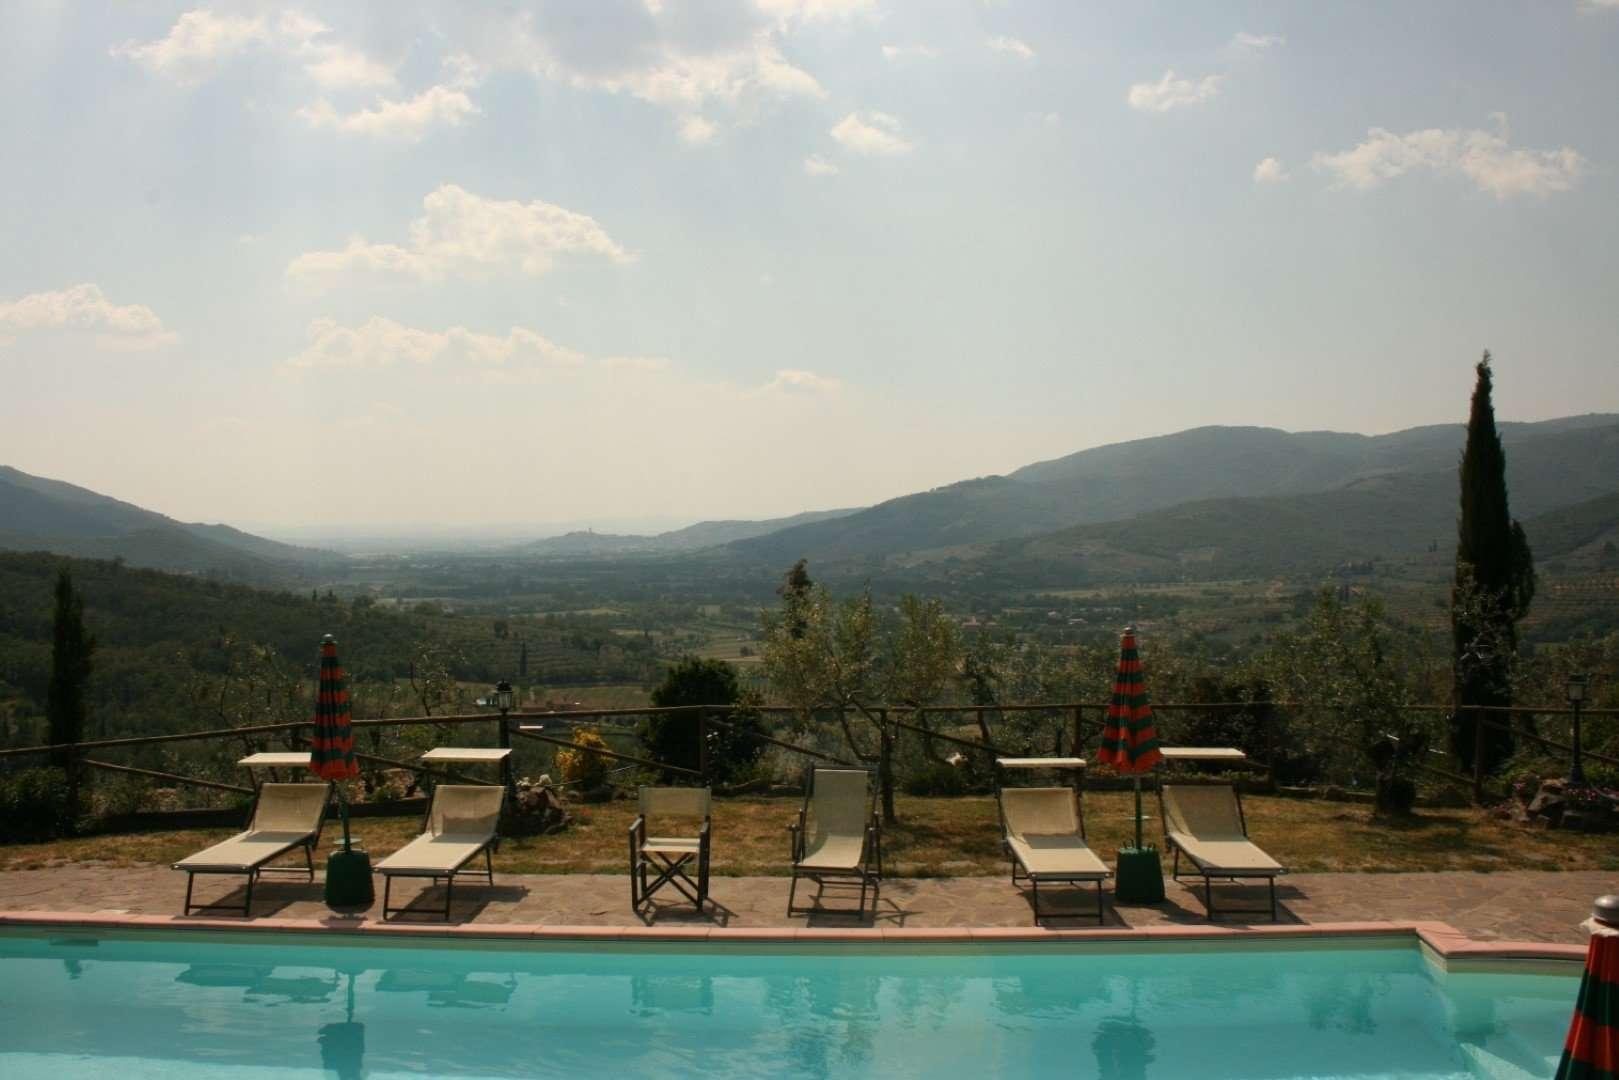 montanina uitzicht zwembad